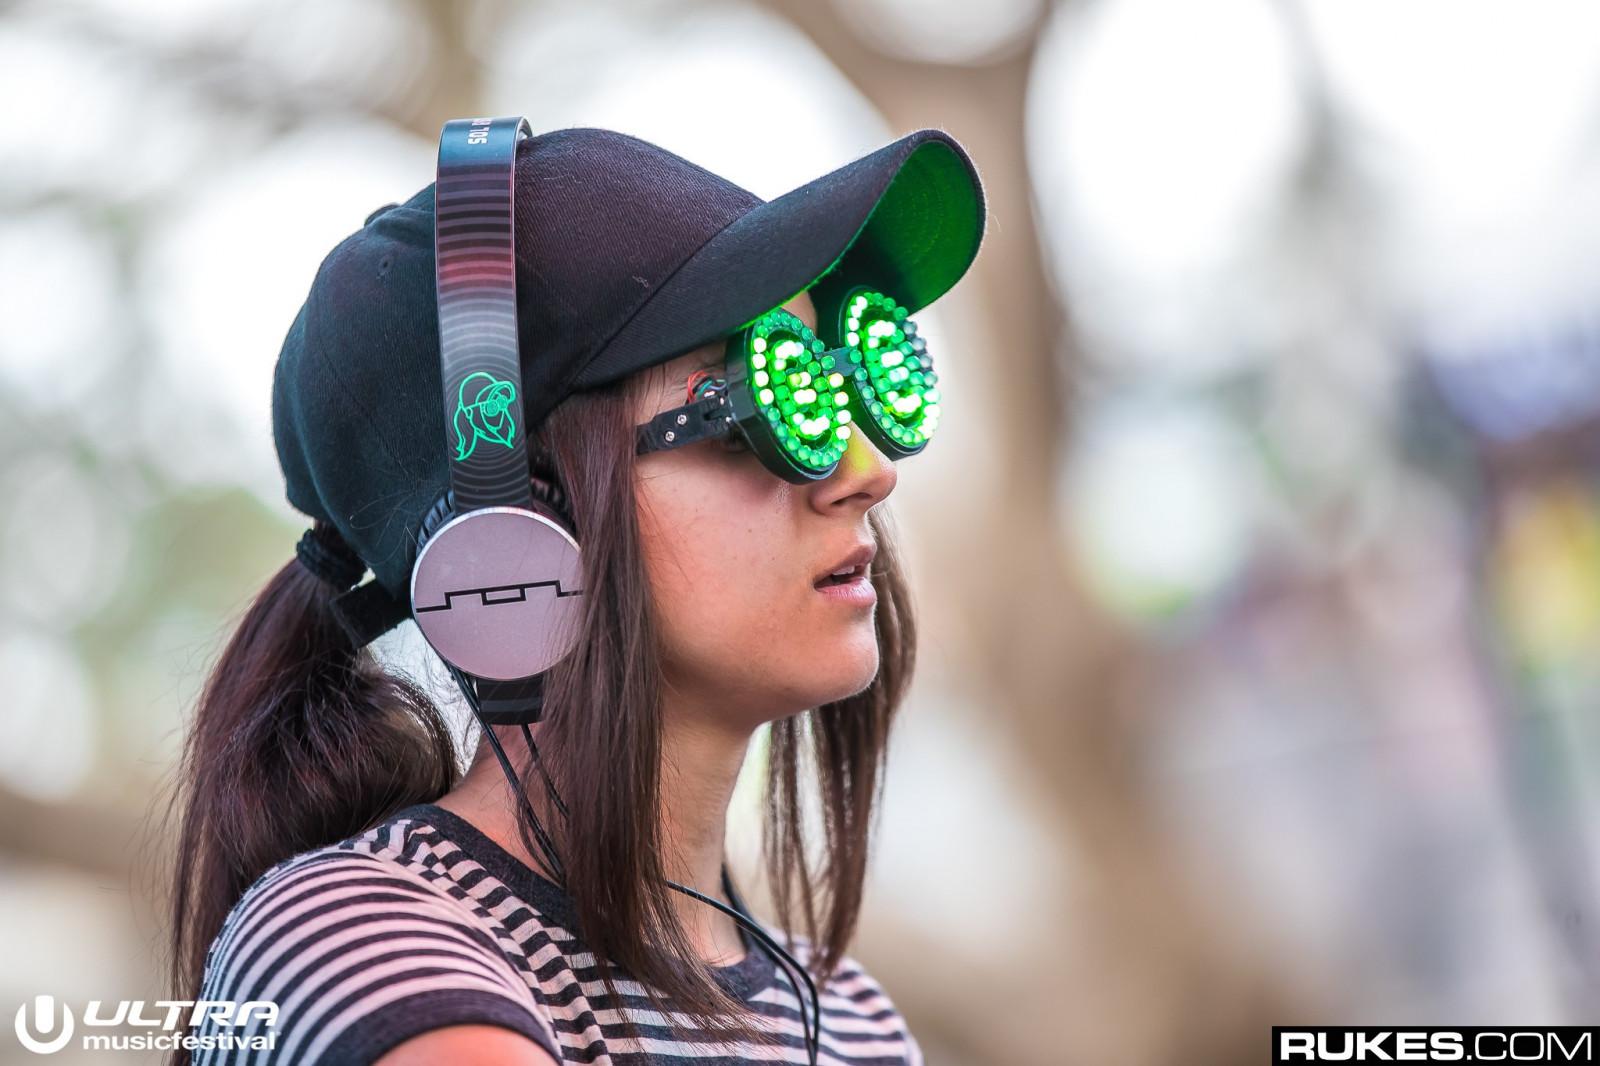 b4f940f7bd8b solbriller briller fotografering hovedtelefoner hestehale lyd DJs Ultra  Music Festival Rukes com pige sjovt hovedbeklædning mode